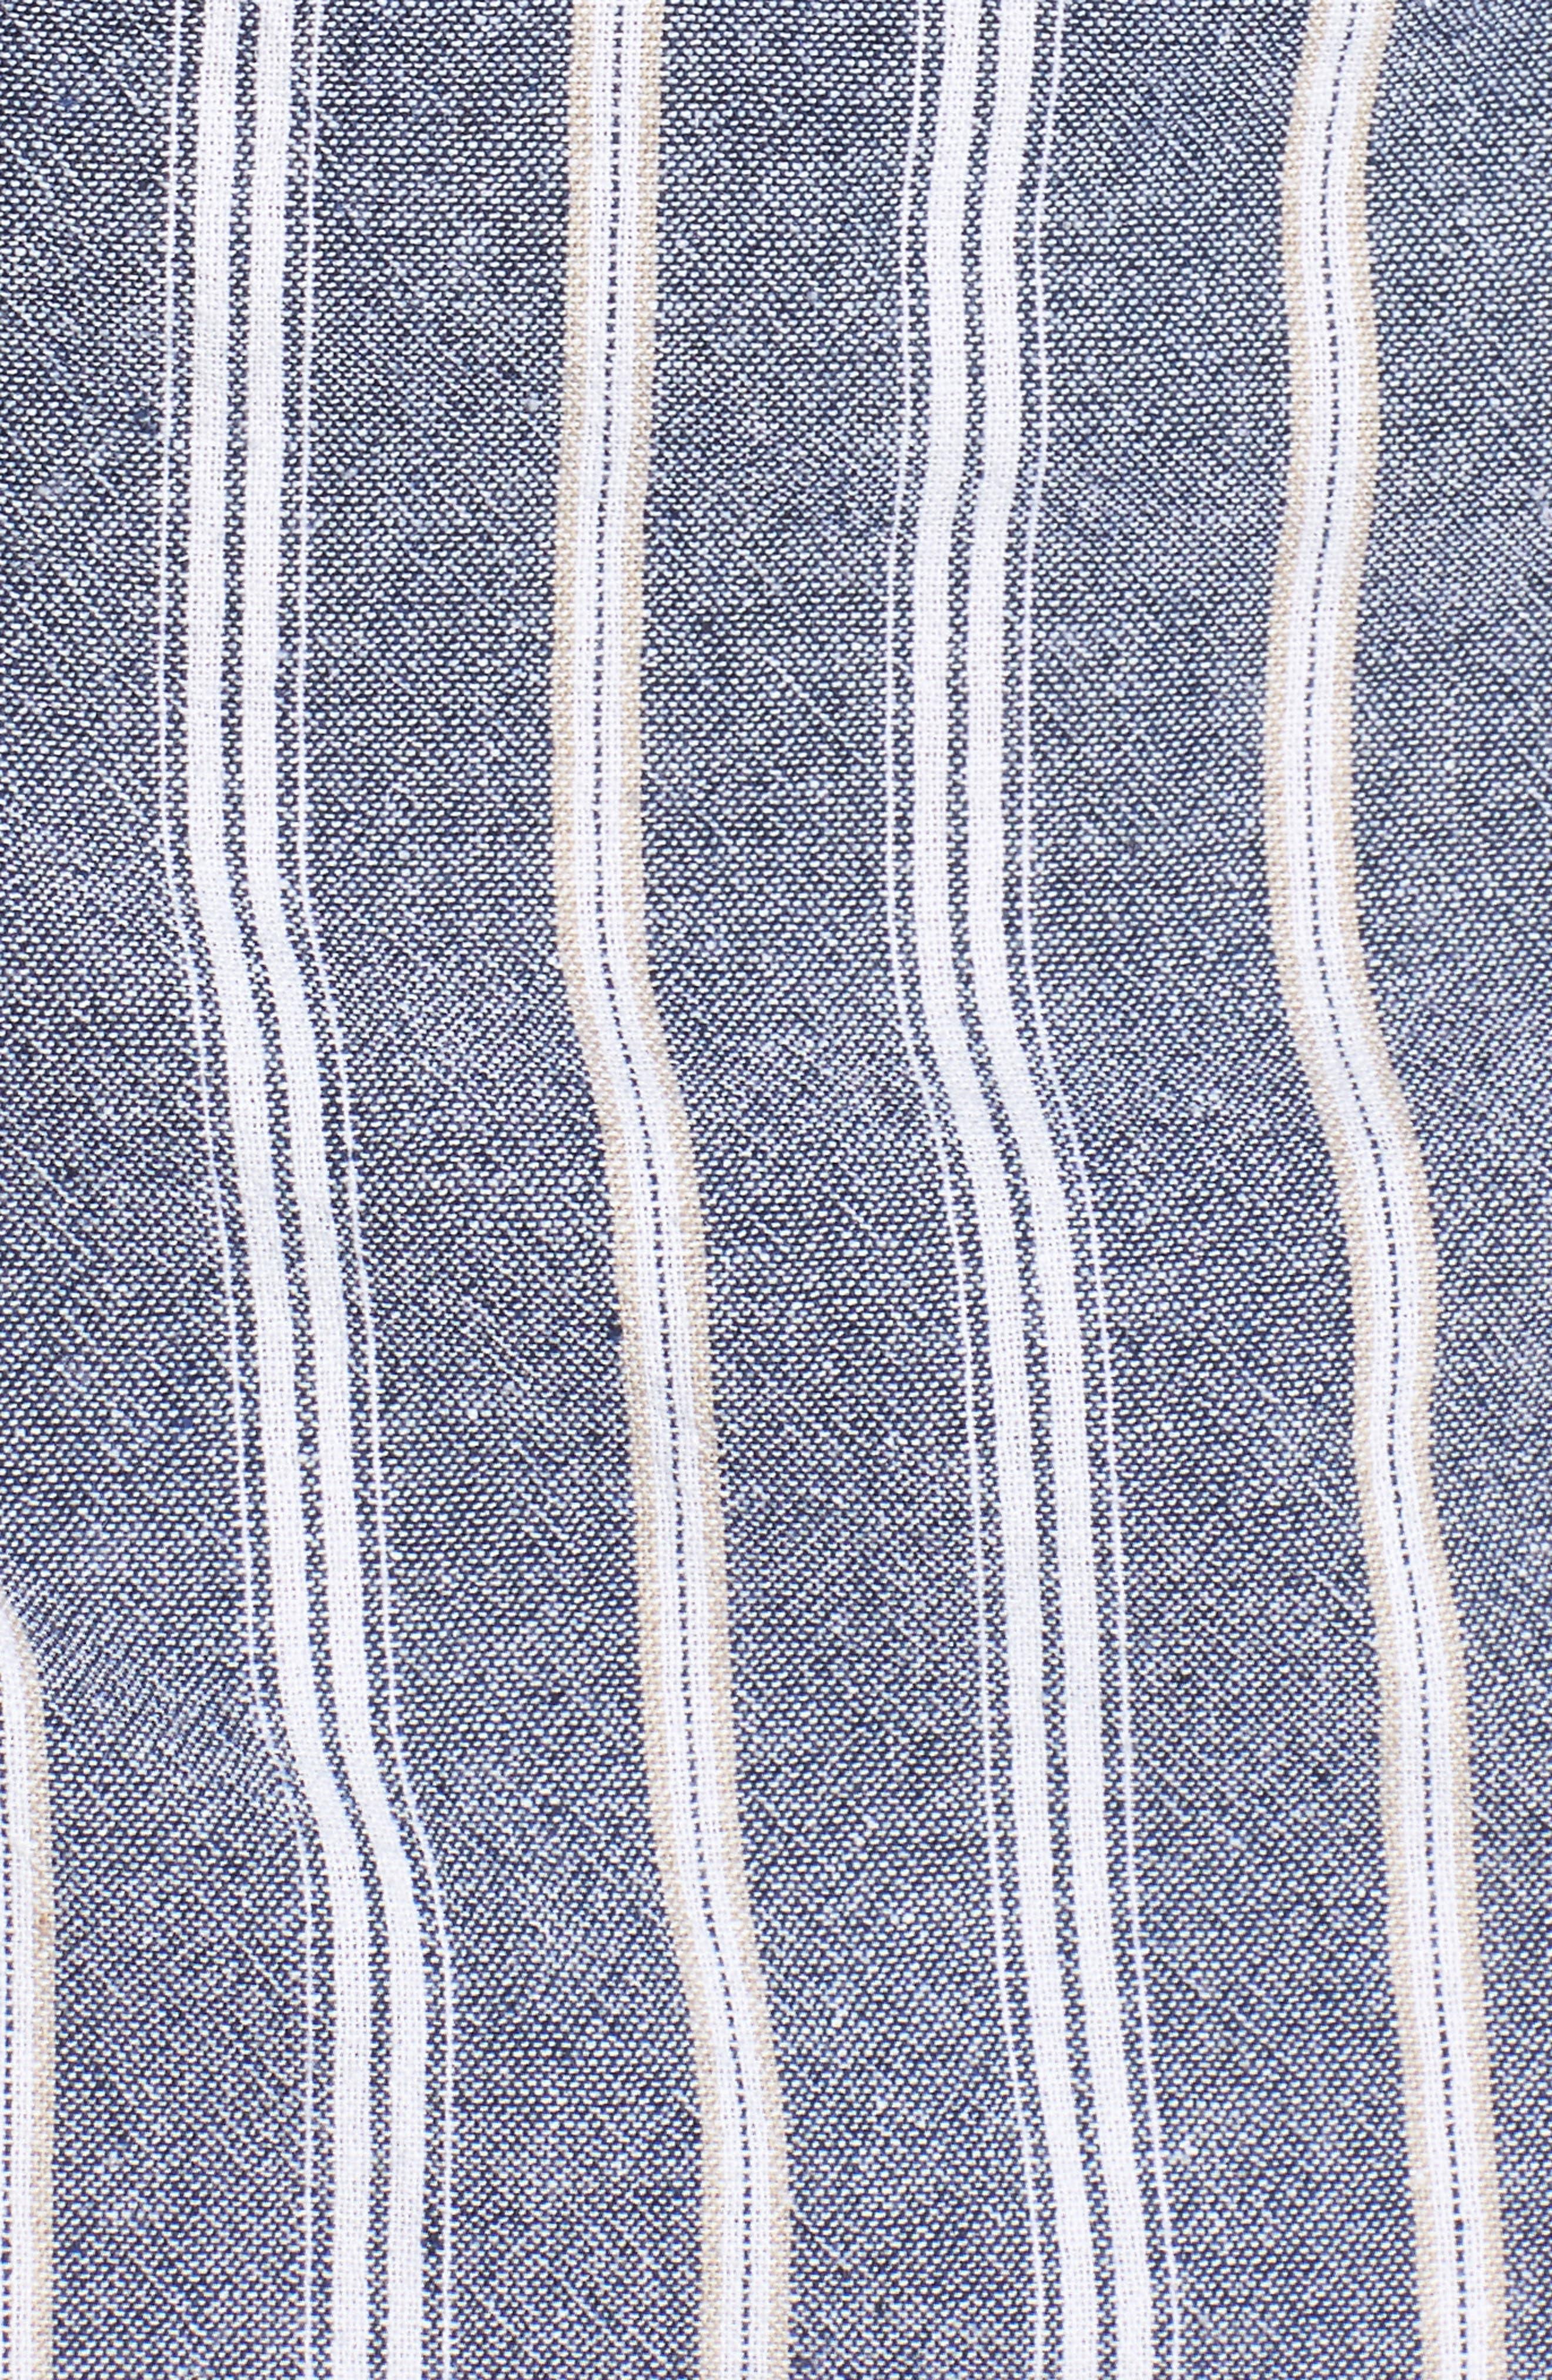 Voyage Stripe Wrap Dress,                             Alternate thumbnail 5, color,                             400